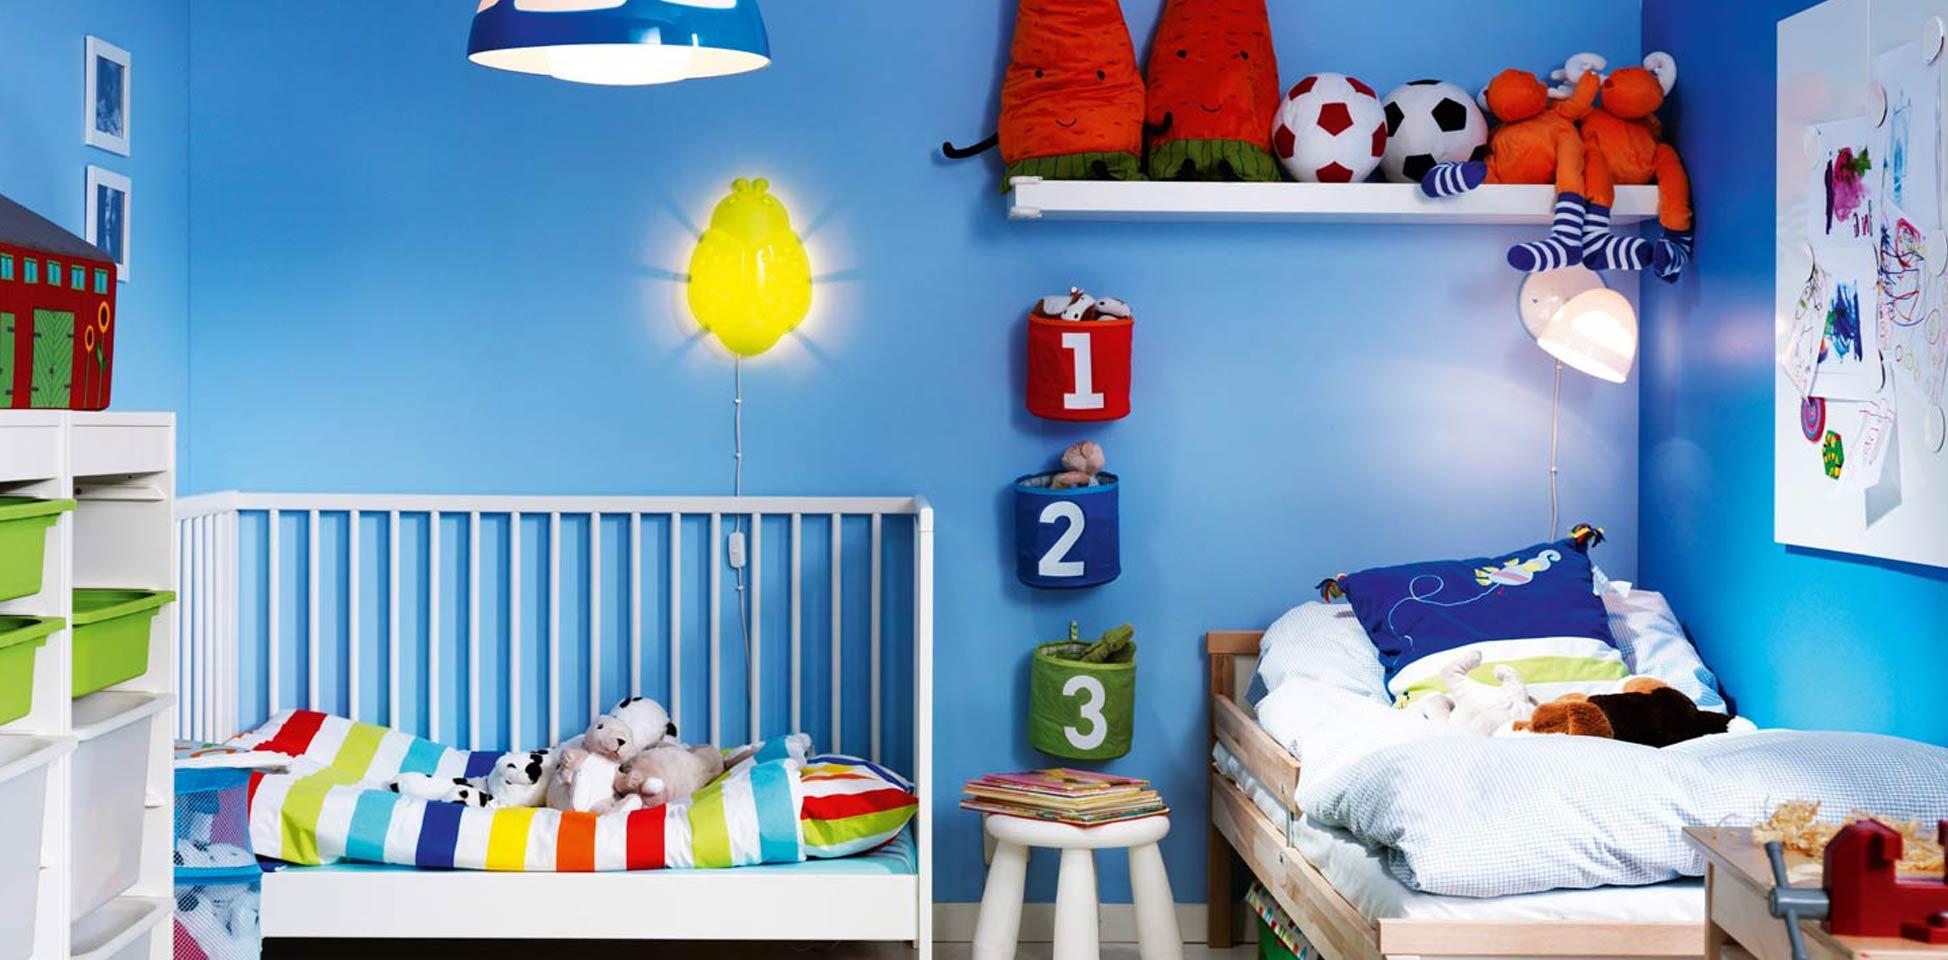 Habitaciones infantiles ikea cat logo ikea 2016 2 mil monos - Ideas decoracion habitacion infantil ...